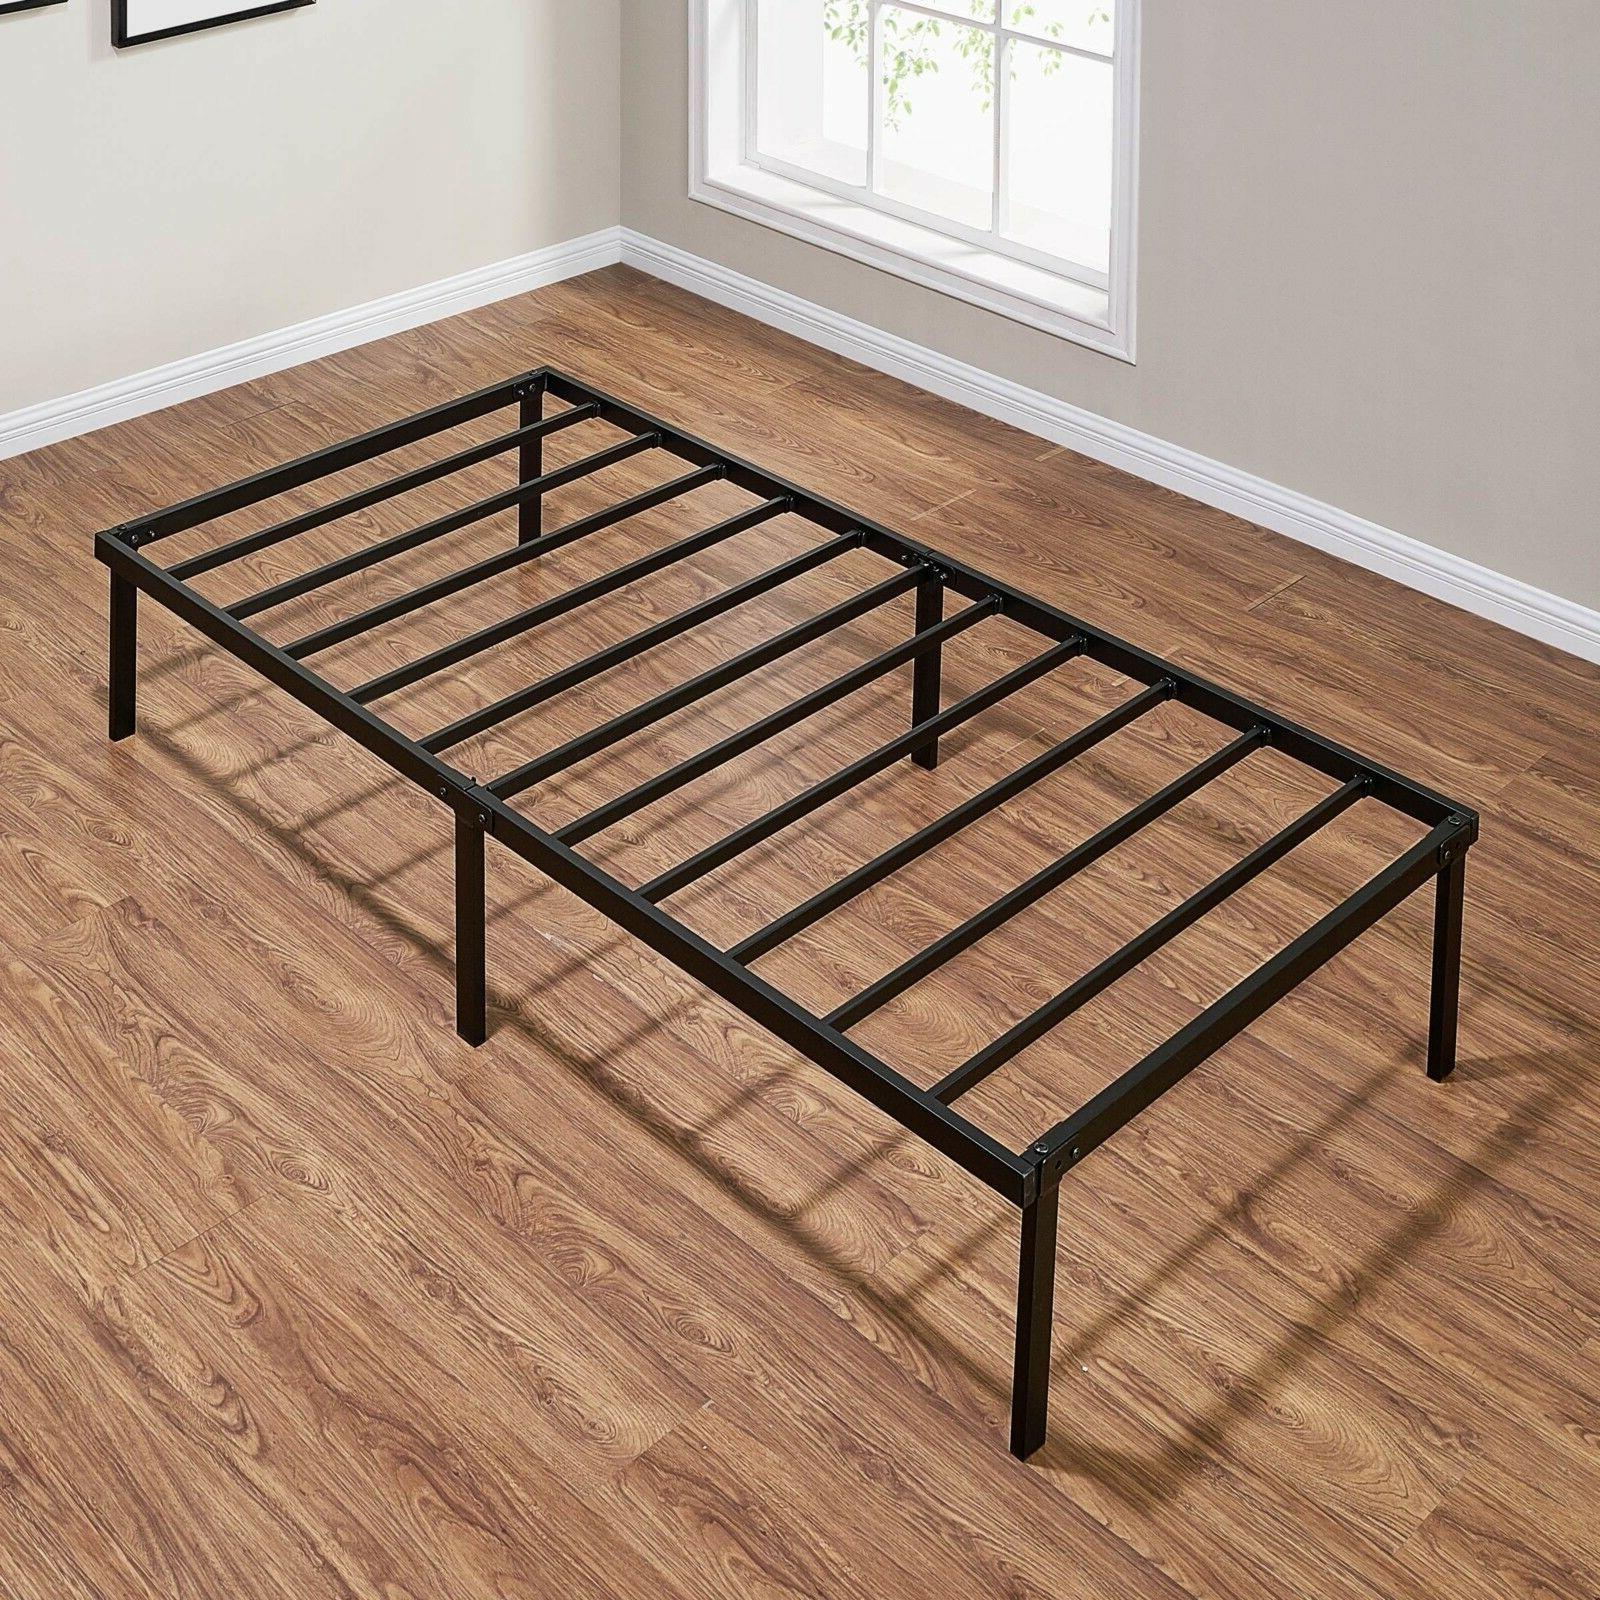 """Mainstays 14"""" Heavy Duty Slat Bed Frame, Black Steel"""